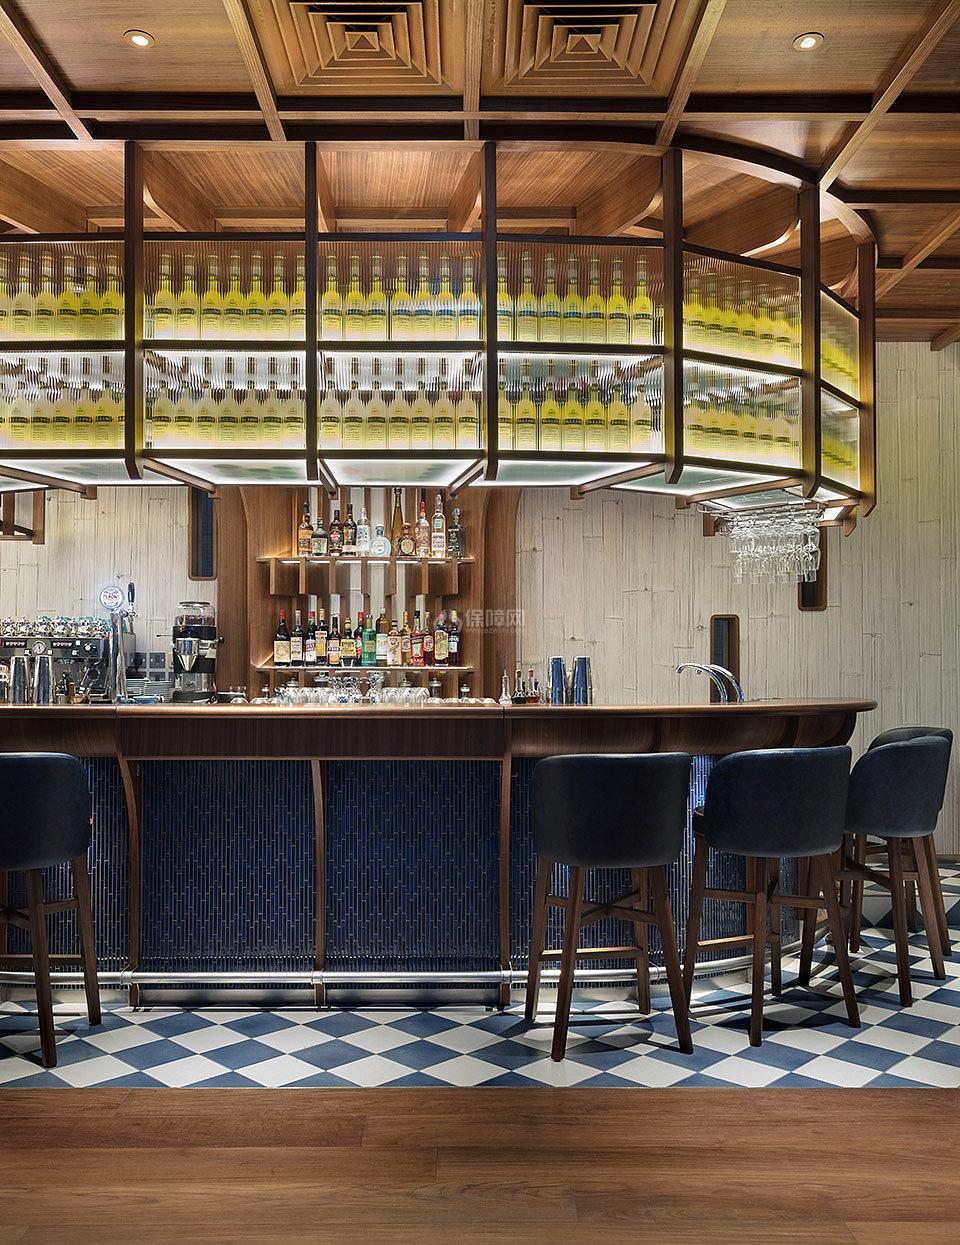 香港芬名酒店之餐厅吧台酒柜设计效果图